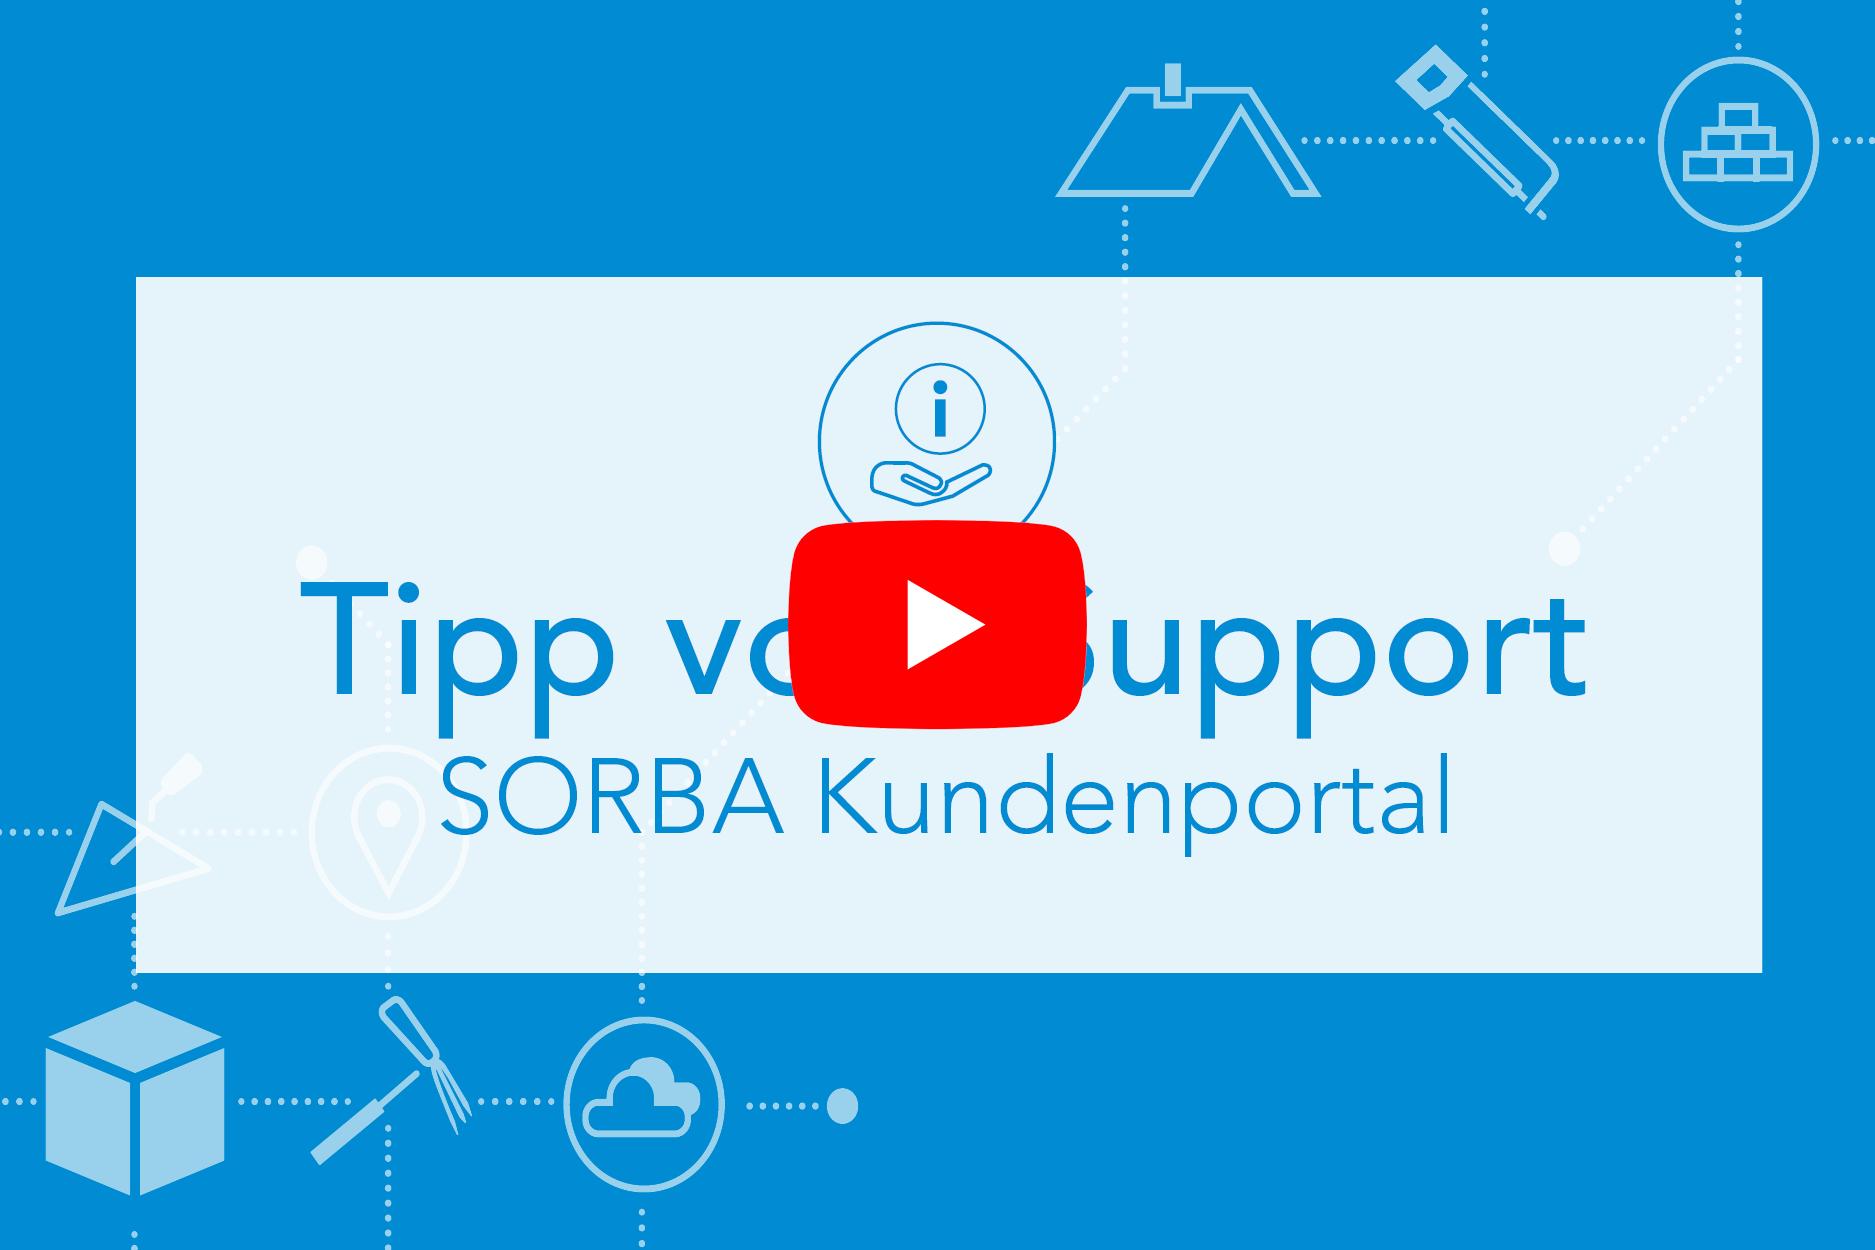 SORBA Kundenportal